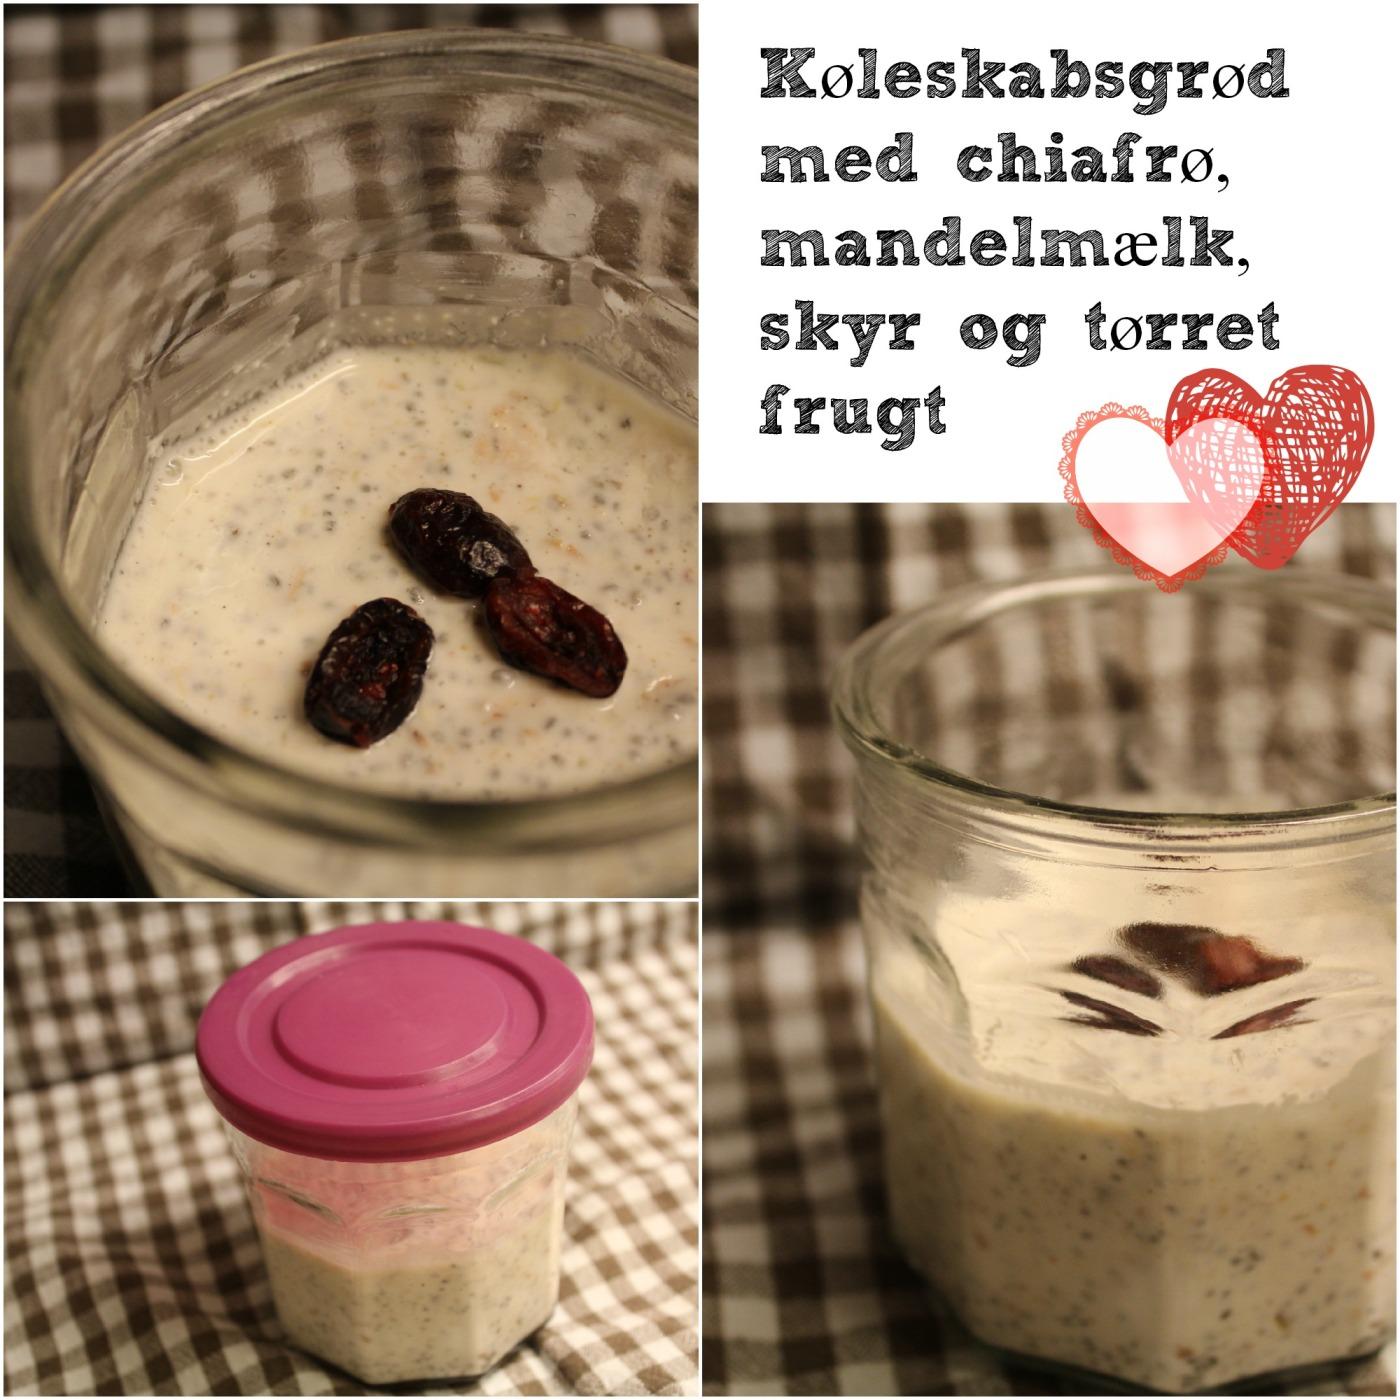 Køleskabsgrød med chiafrø, mandelmælk, skyr og tørret frugt